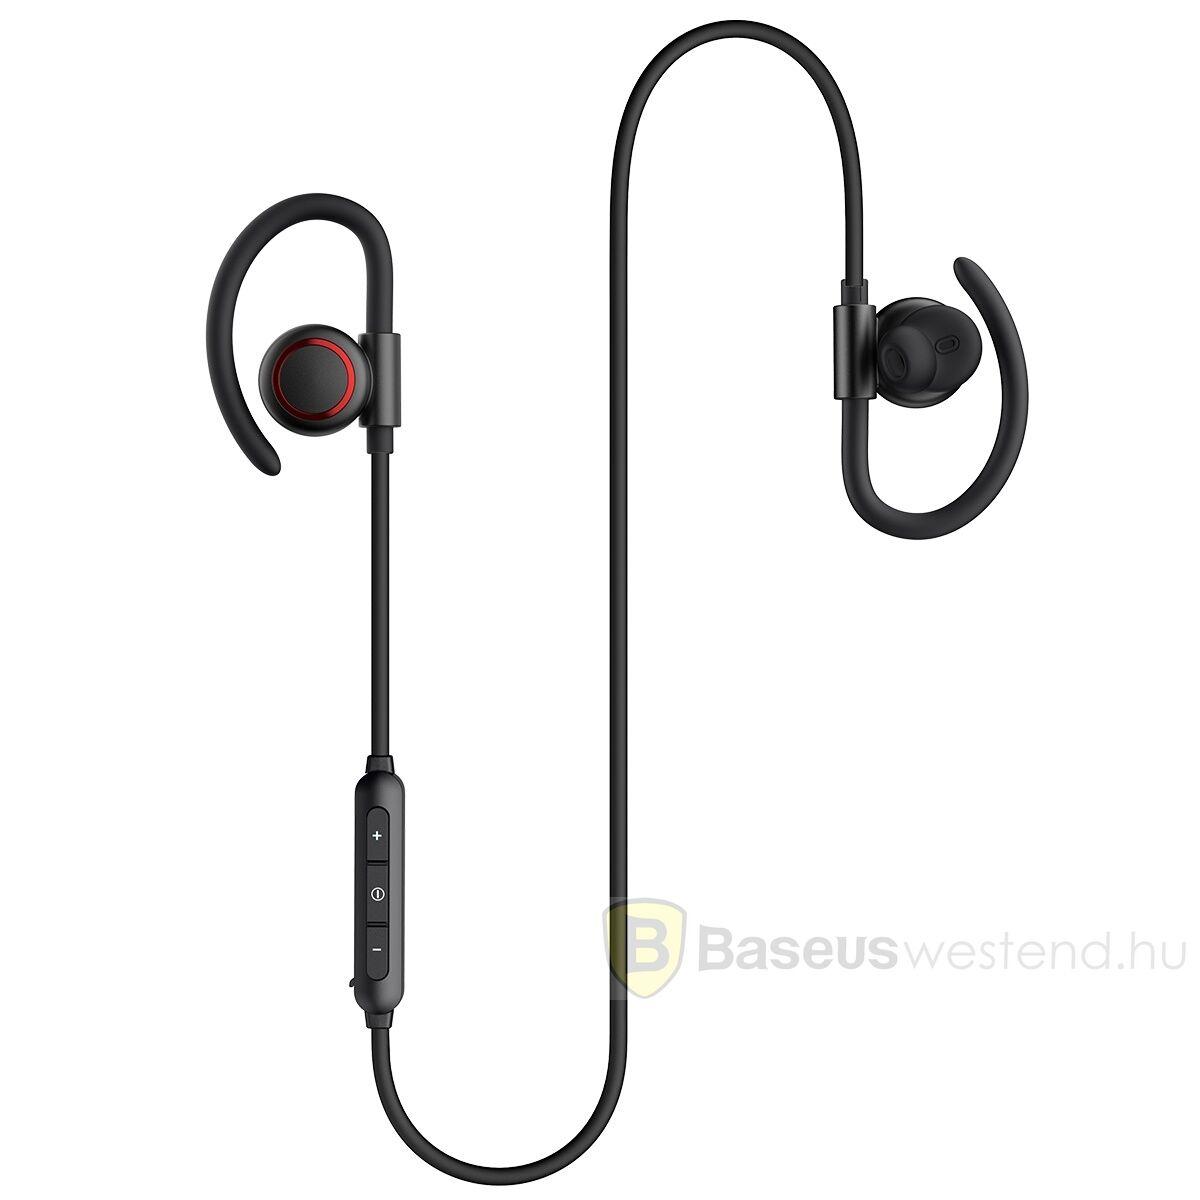 Baseus fülhallgató, Bluetooth Encok S17 vezeték nélküli, fekete (NGS17-01)